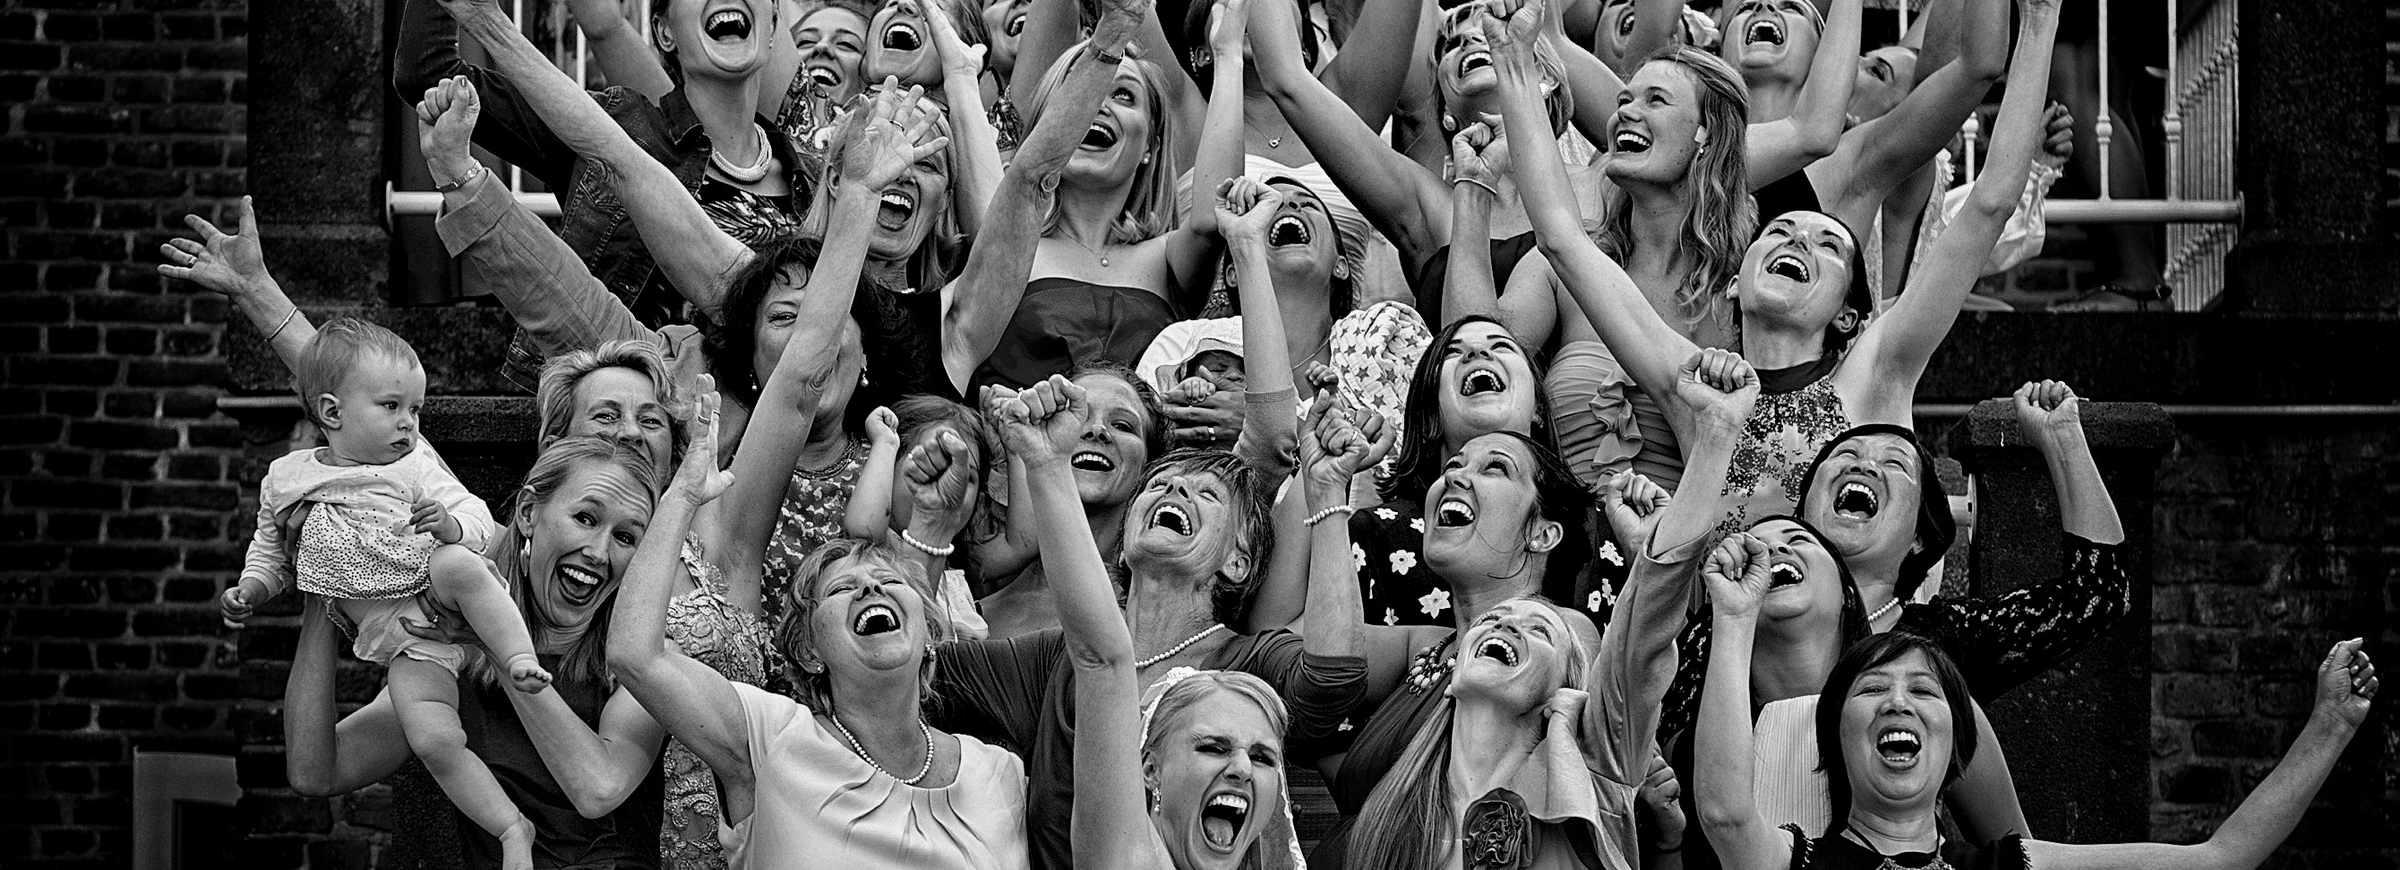 Eine grosse Gruppe an Mädchen und Frauen stehend auf der Treppe und jubelnd!